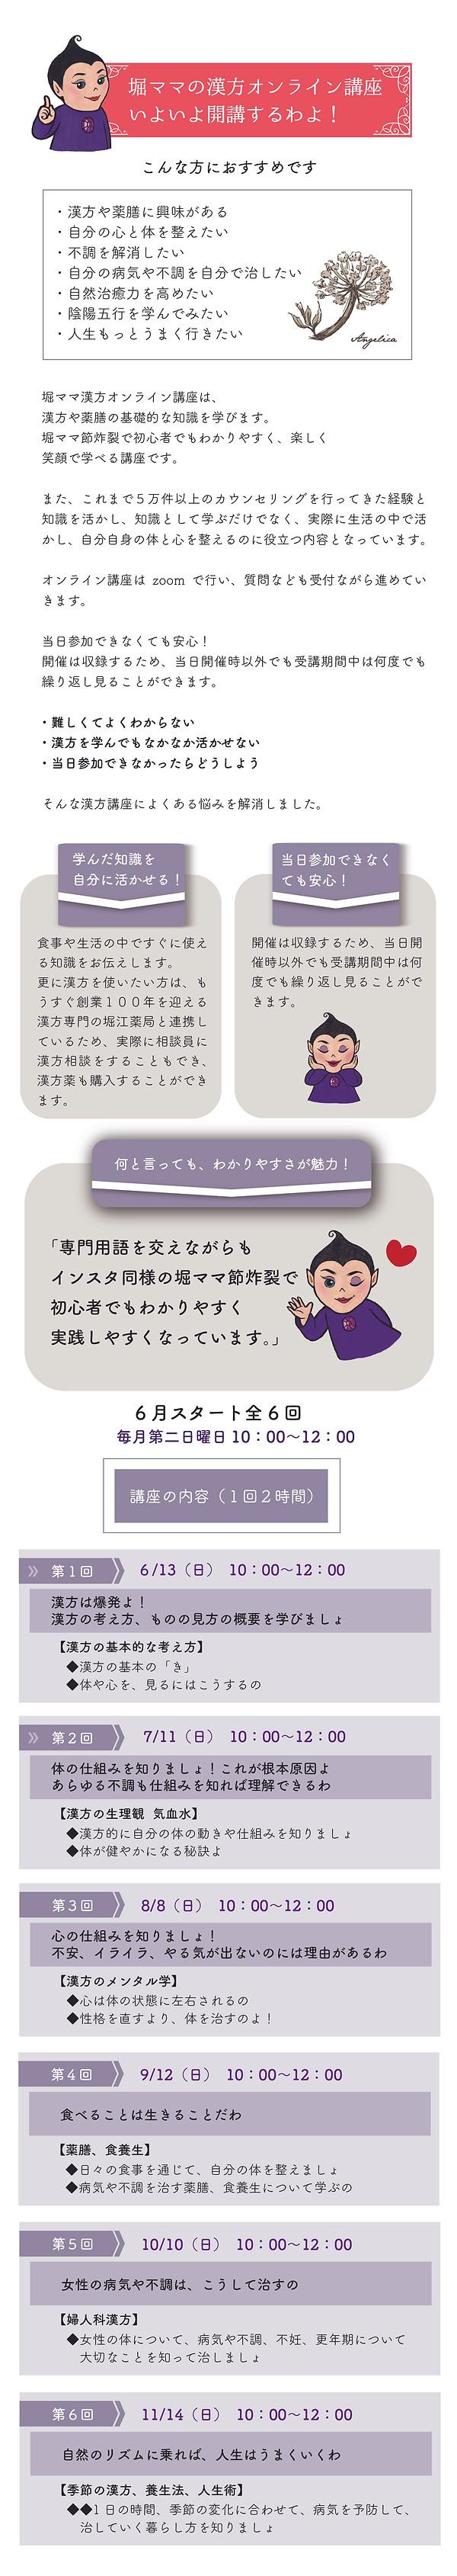 本講座申込(基礎講座1を受講済みの方).jpg